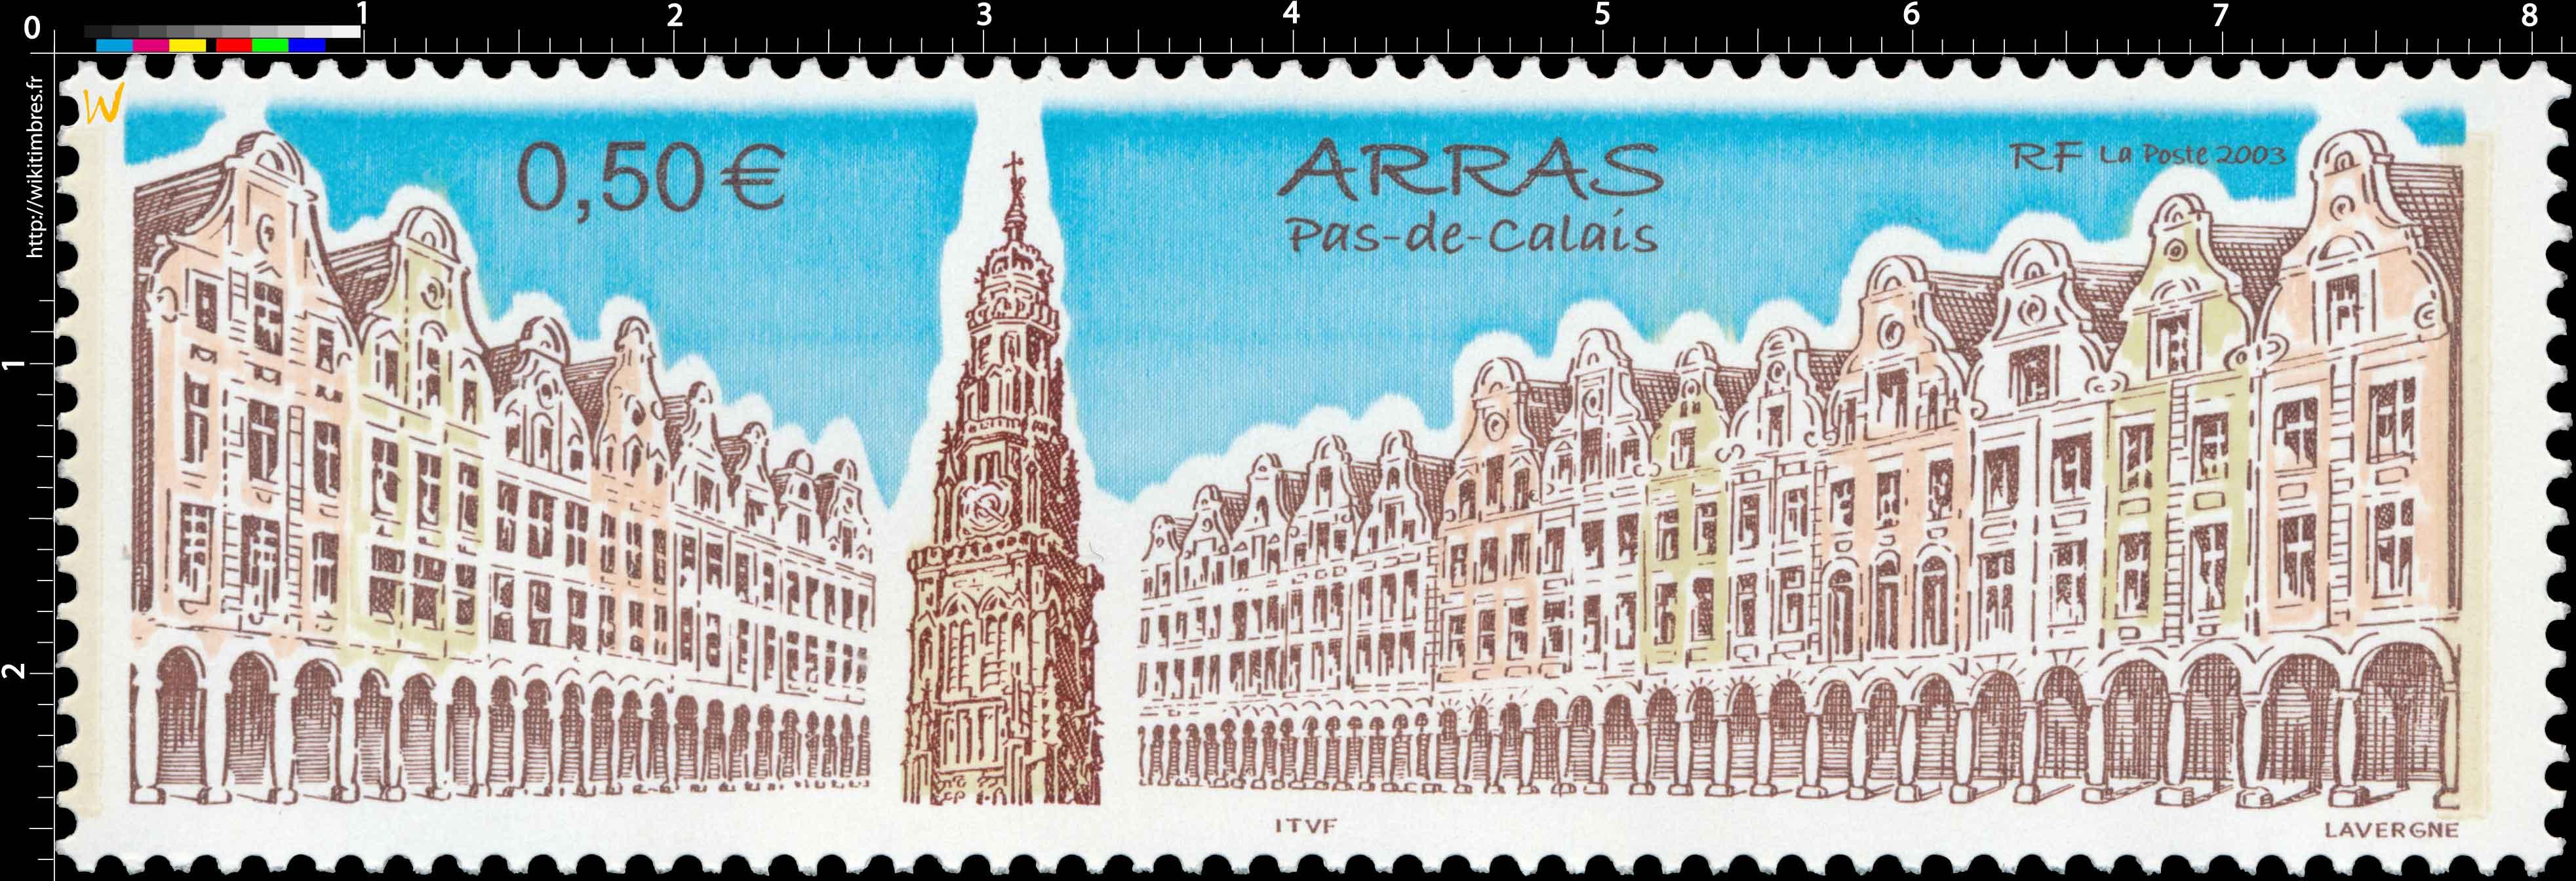 2003 ARRAS Pas-de-Calais